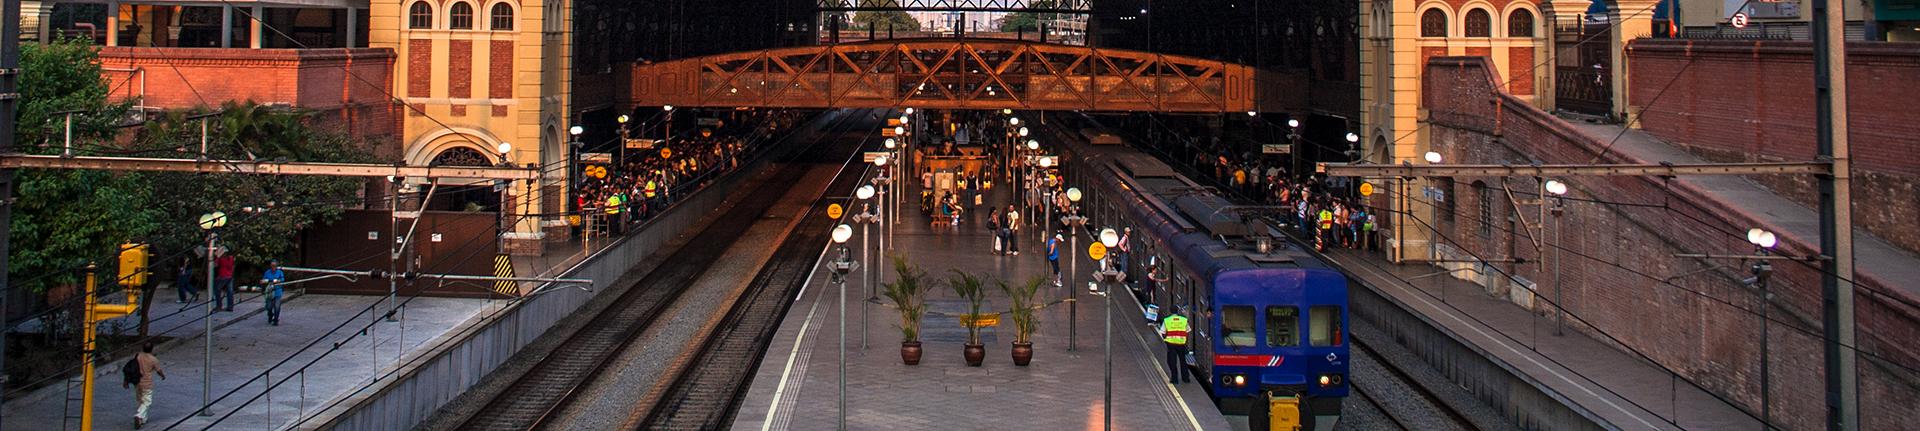 Viagens de trem pelos trilhos do interior de São Paulo